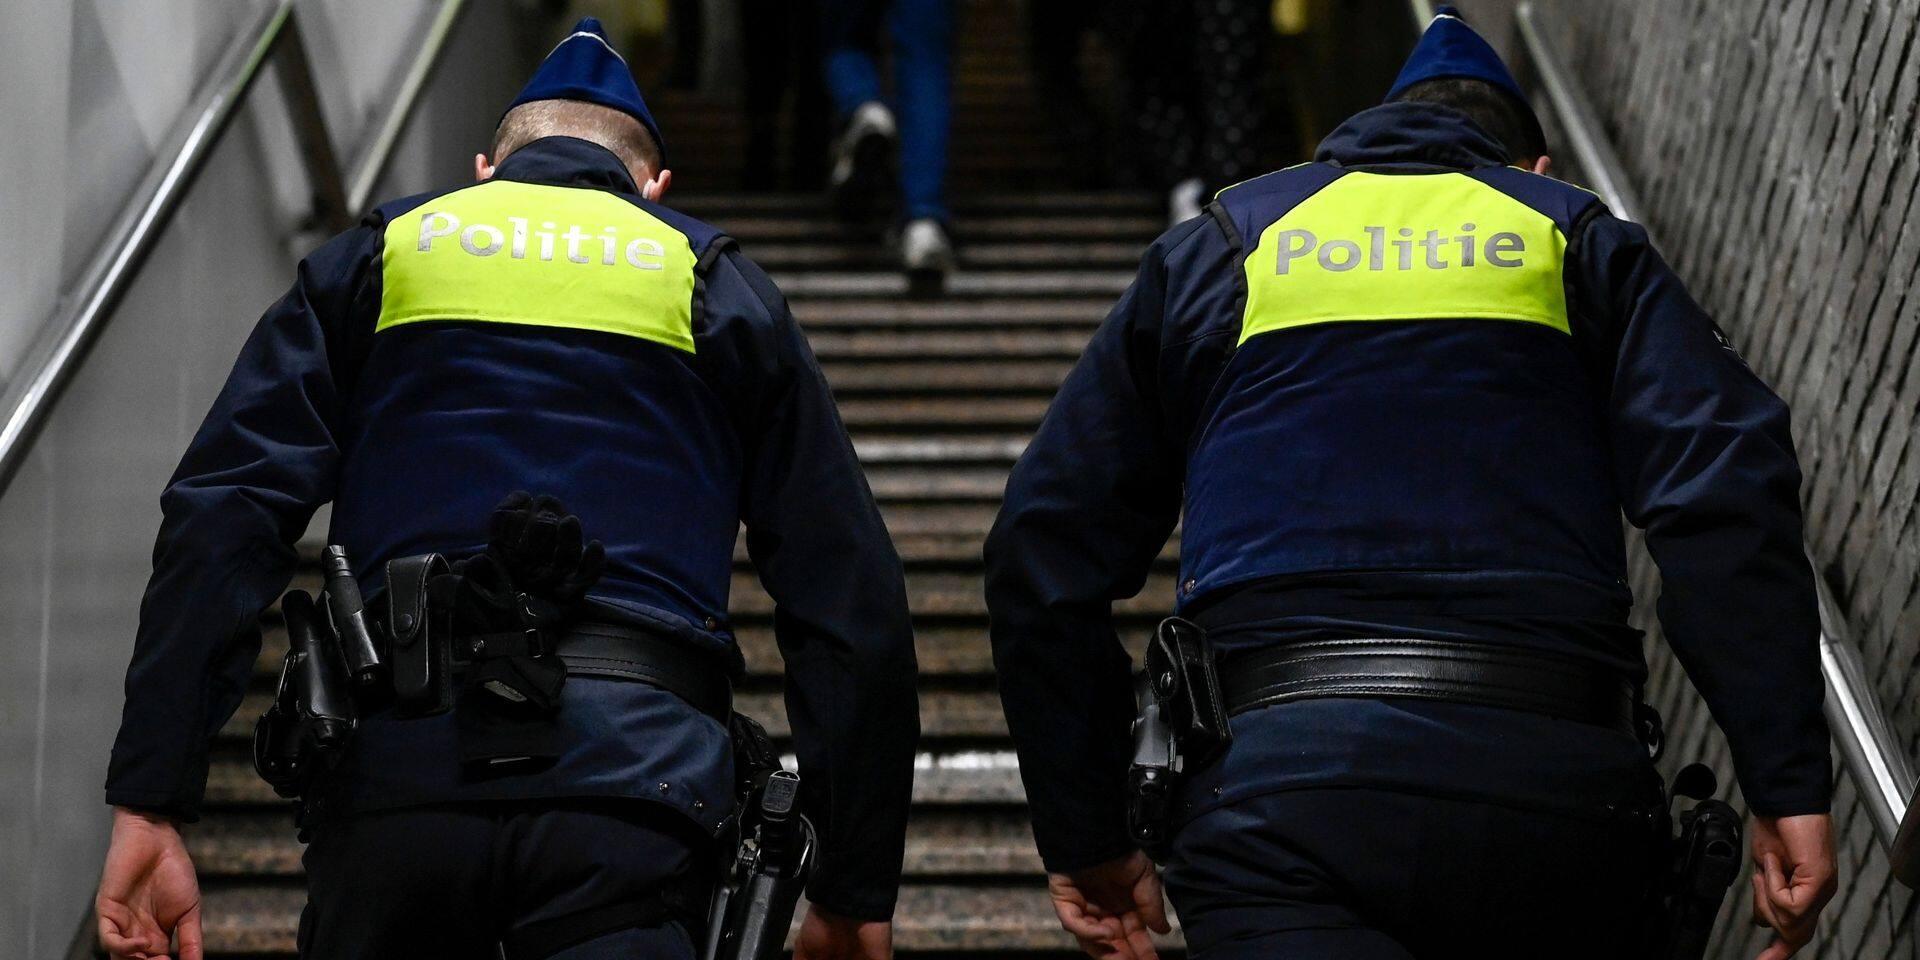 Vaste opération antidrogue: 17 des 28 personnes interpellées placées sous mandat d'arrêt